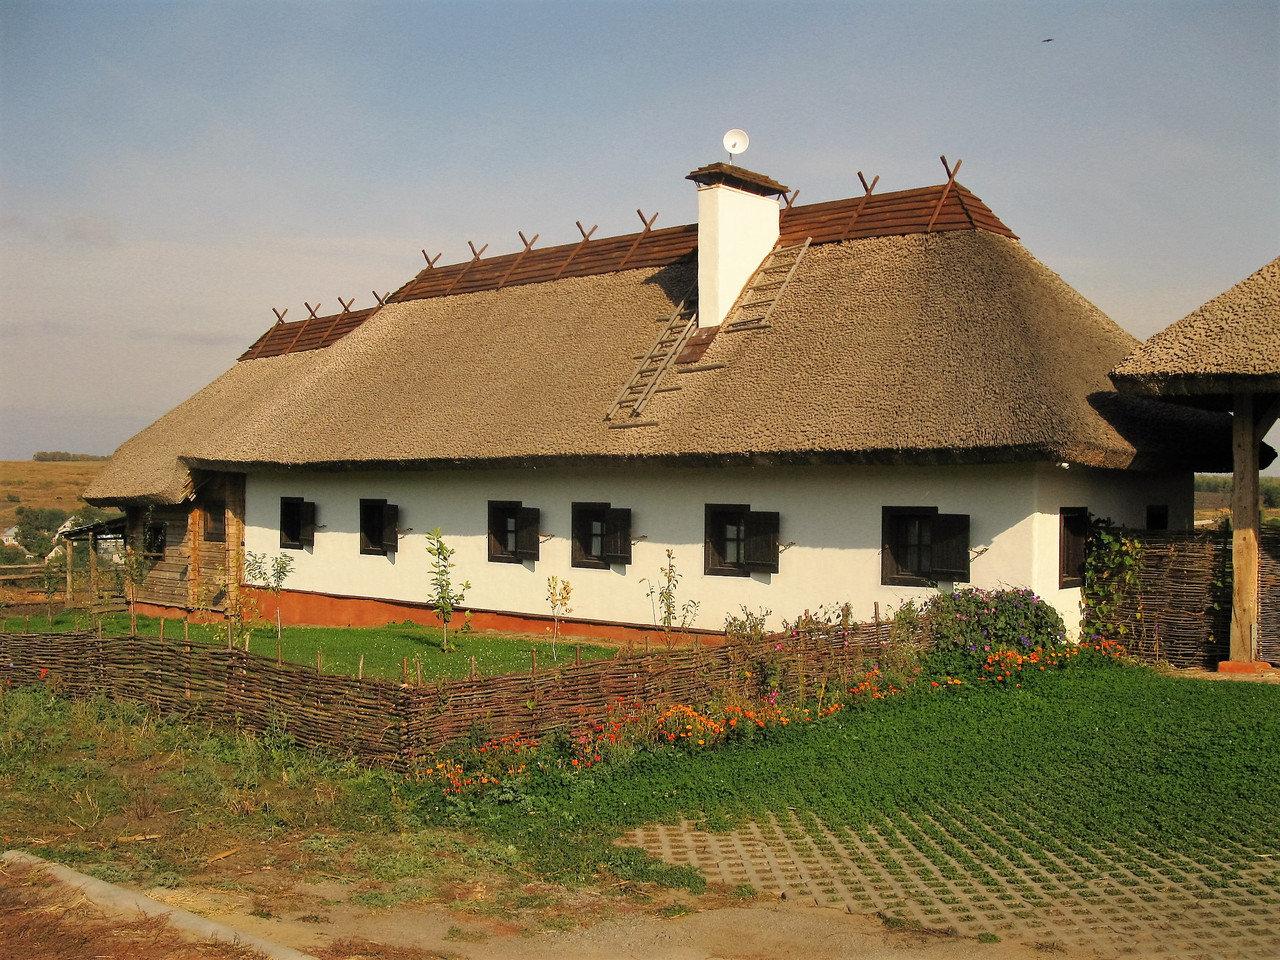 дом с крышей в селе